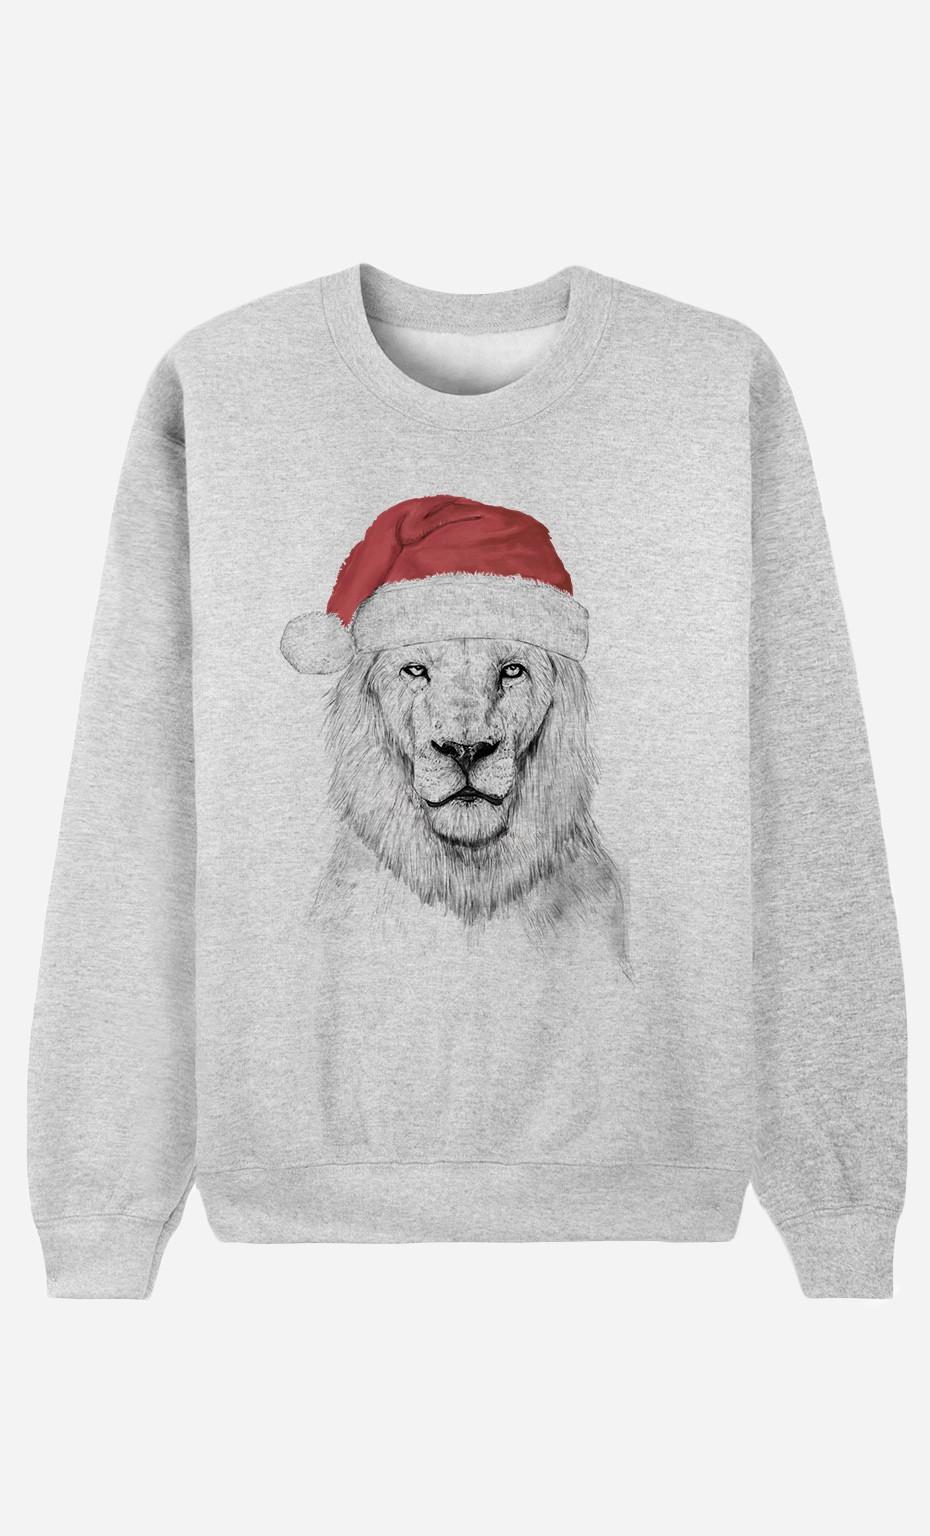 Sweatshirt Santa Lion